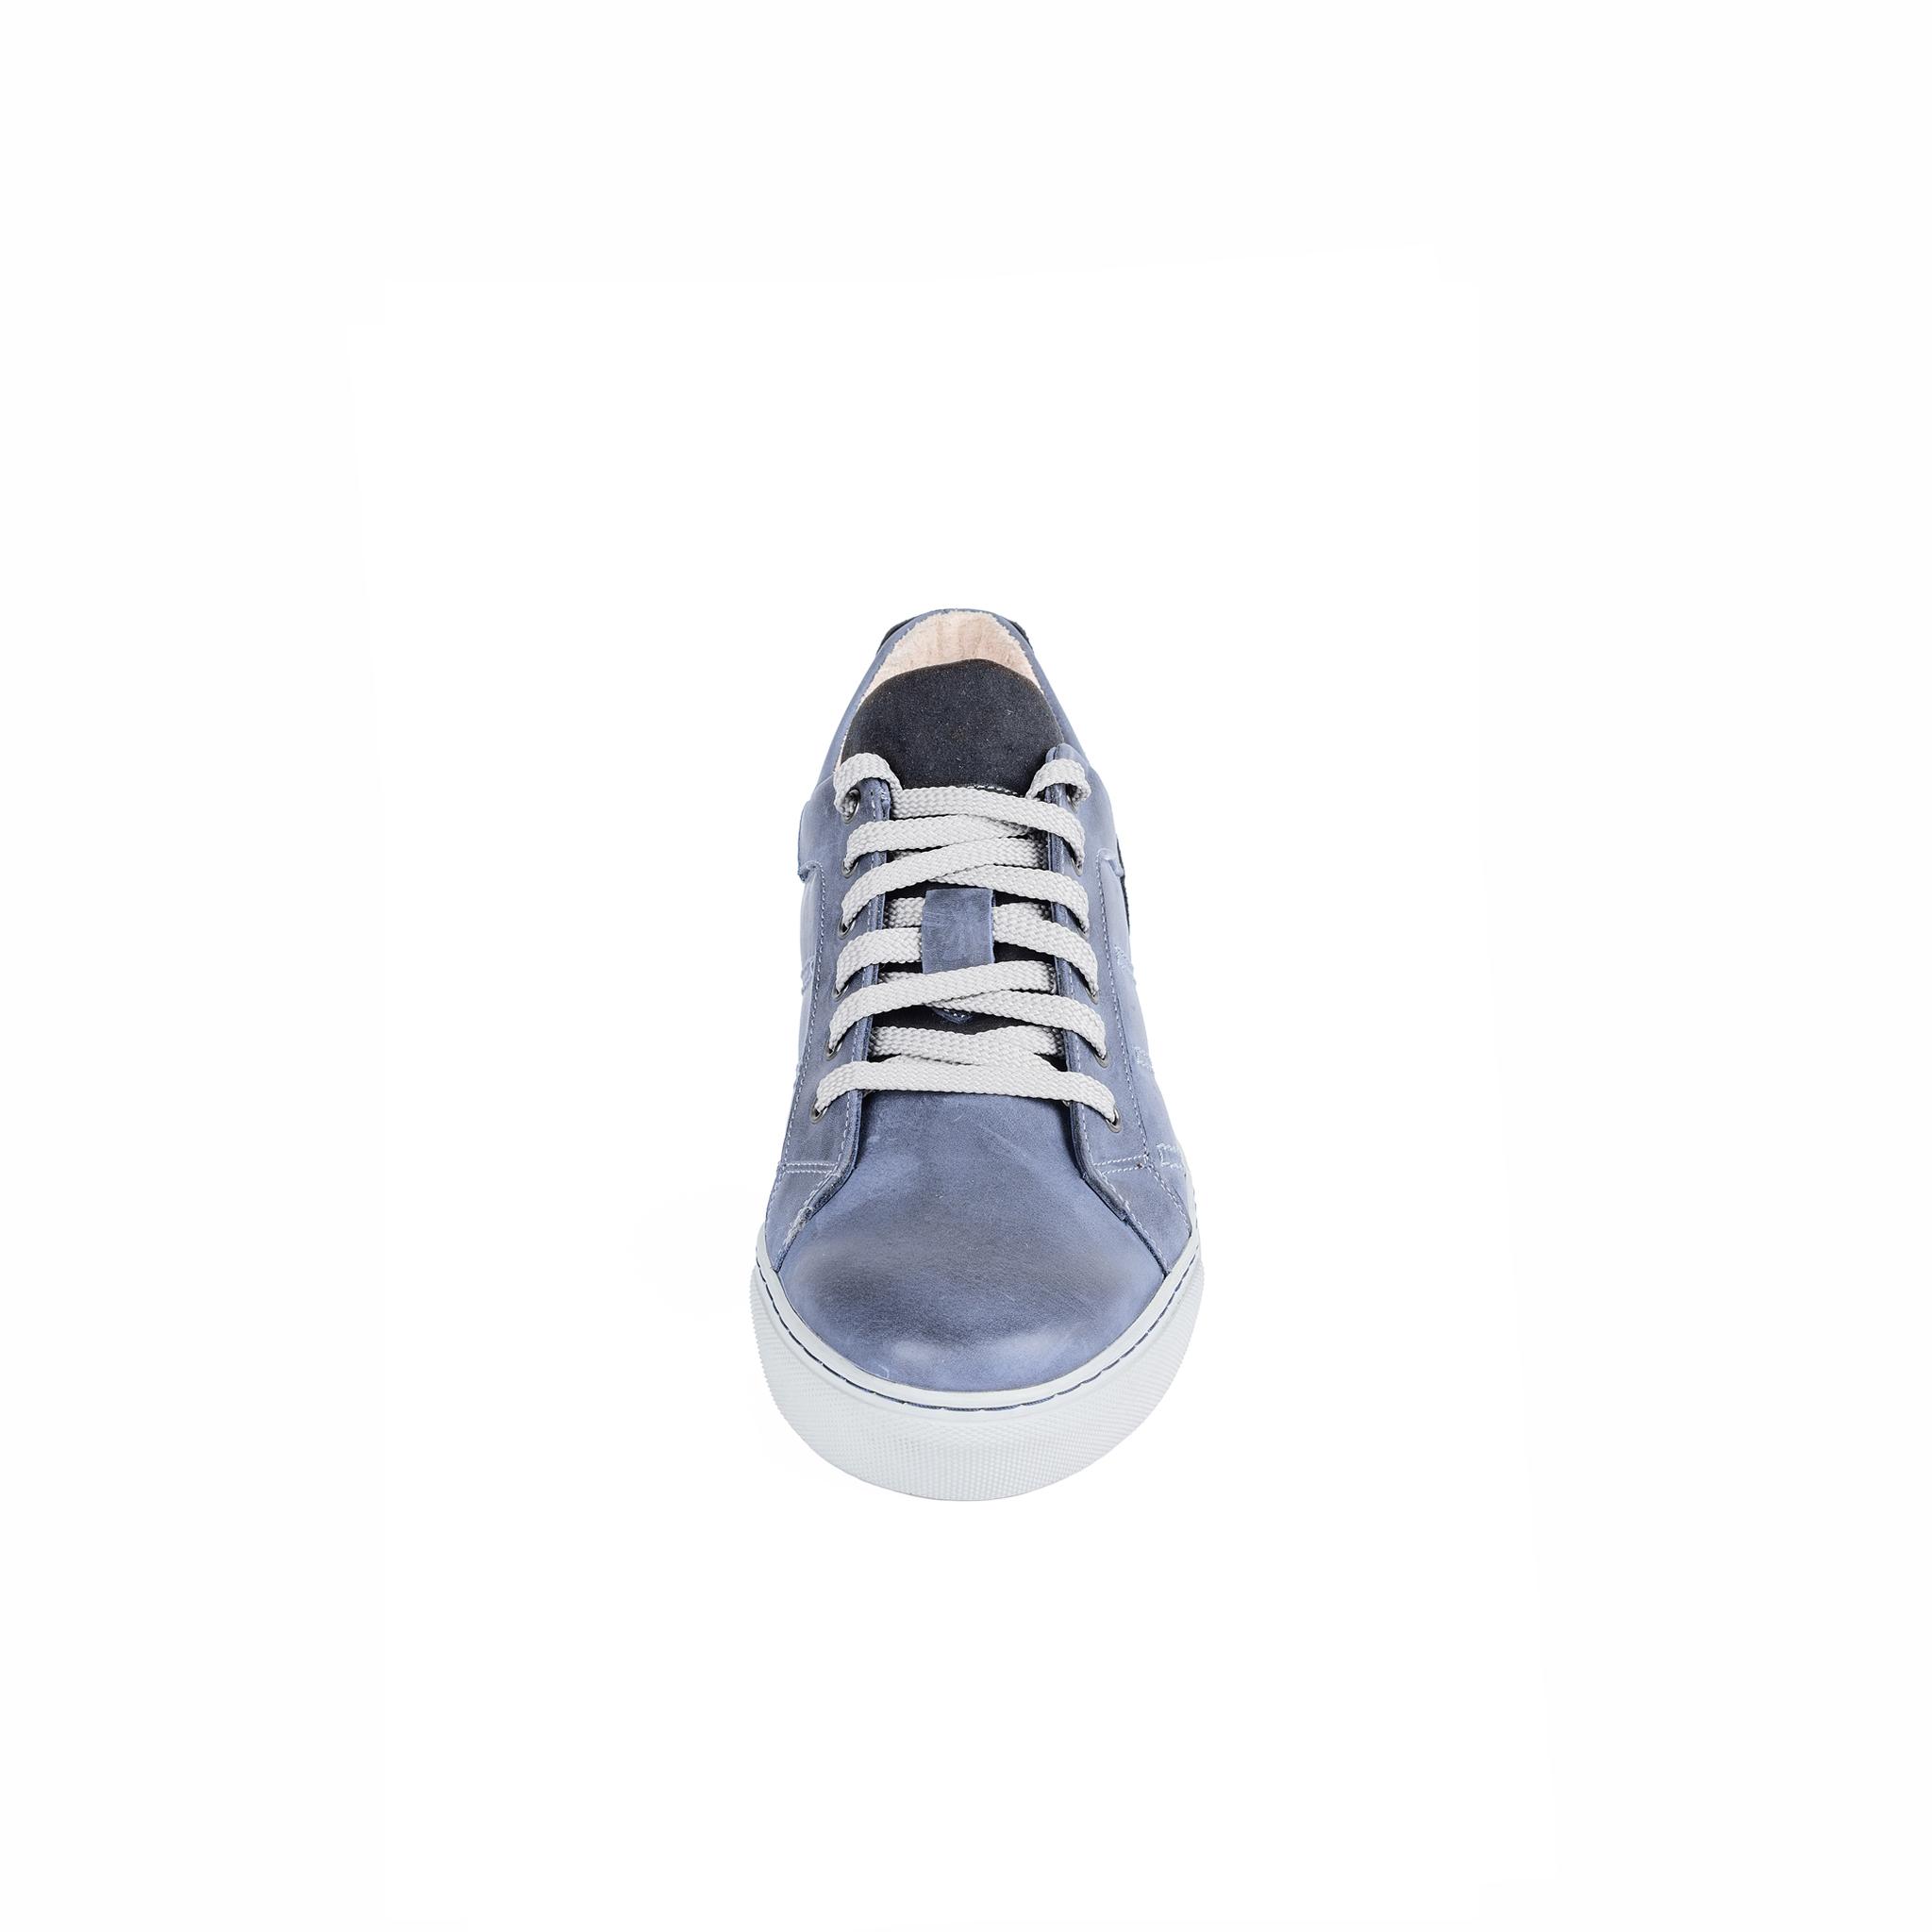 752308 Полуботинки мужские синие больших размеров марки Делфино